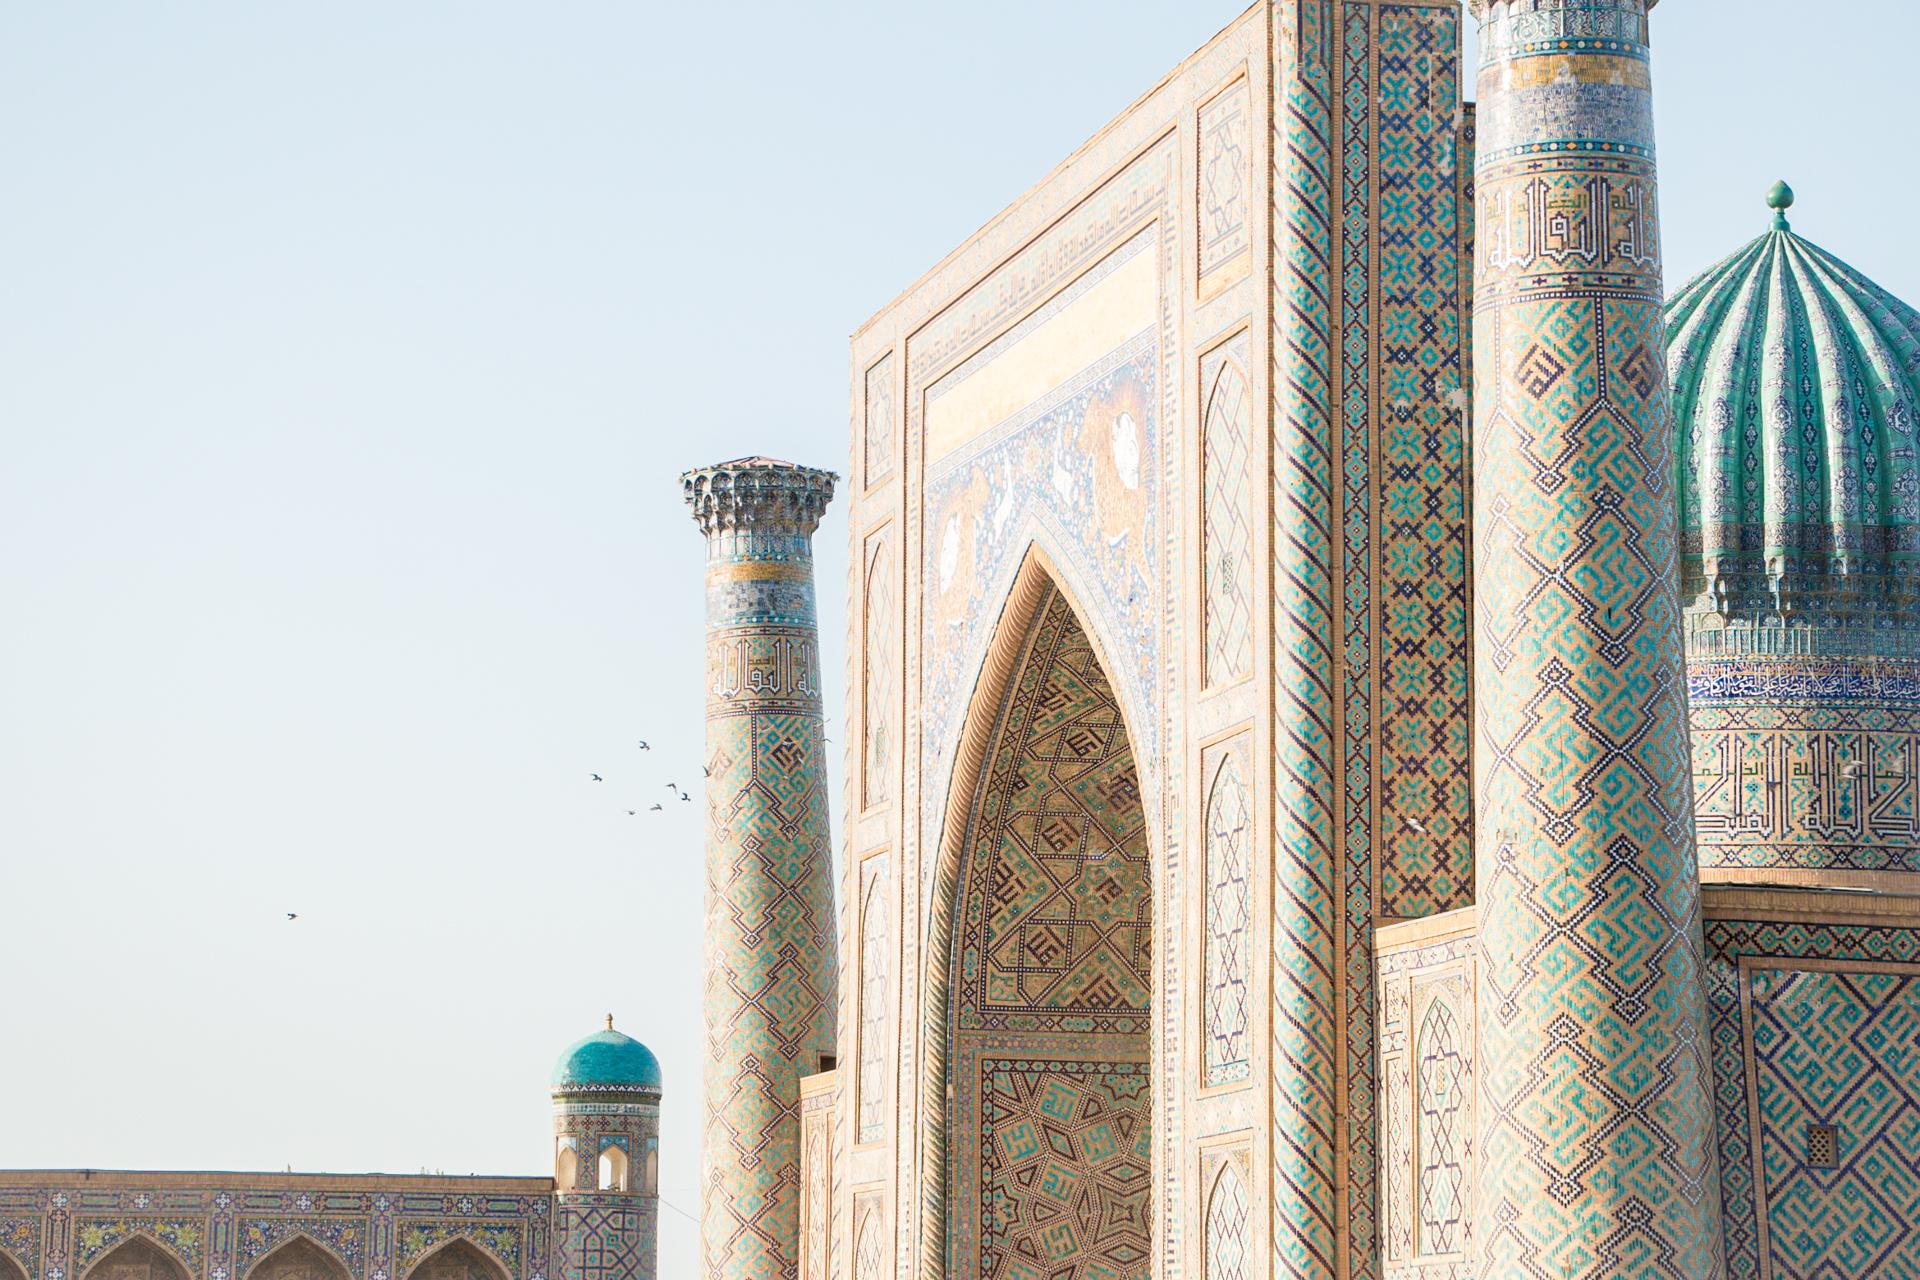 uzbekistan-travel-photography-15.jpg